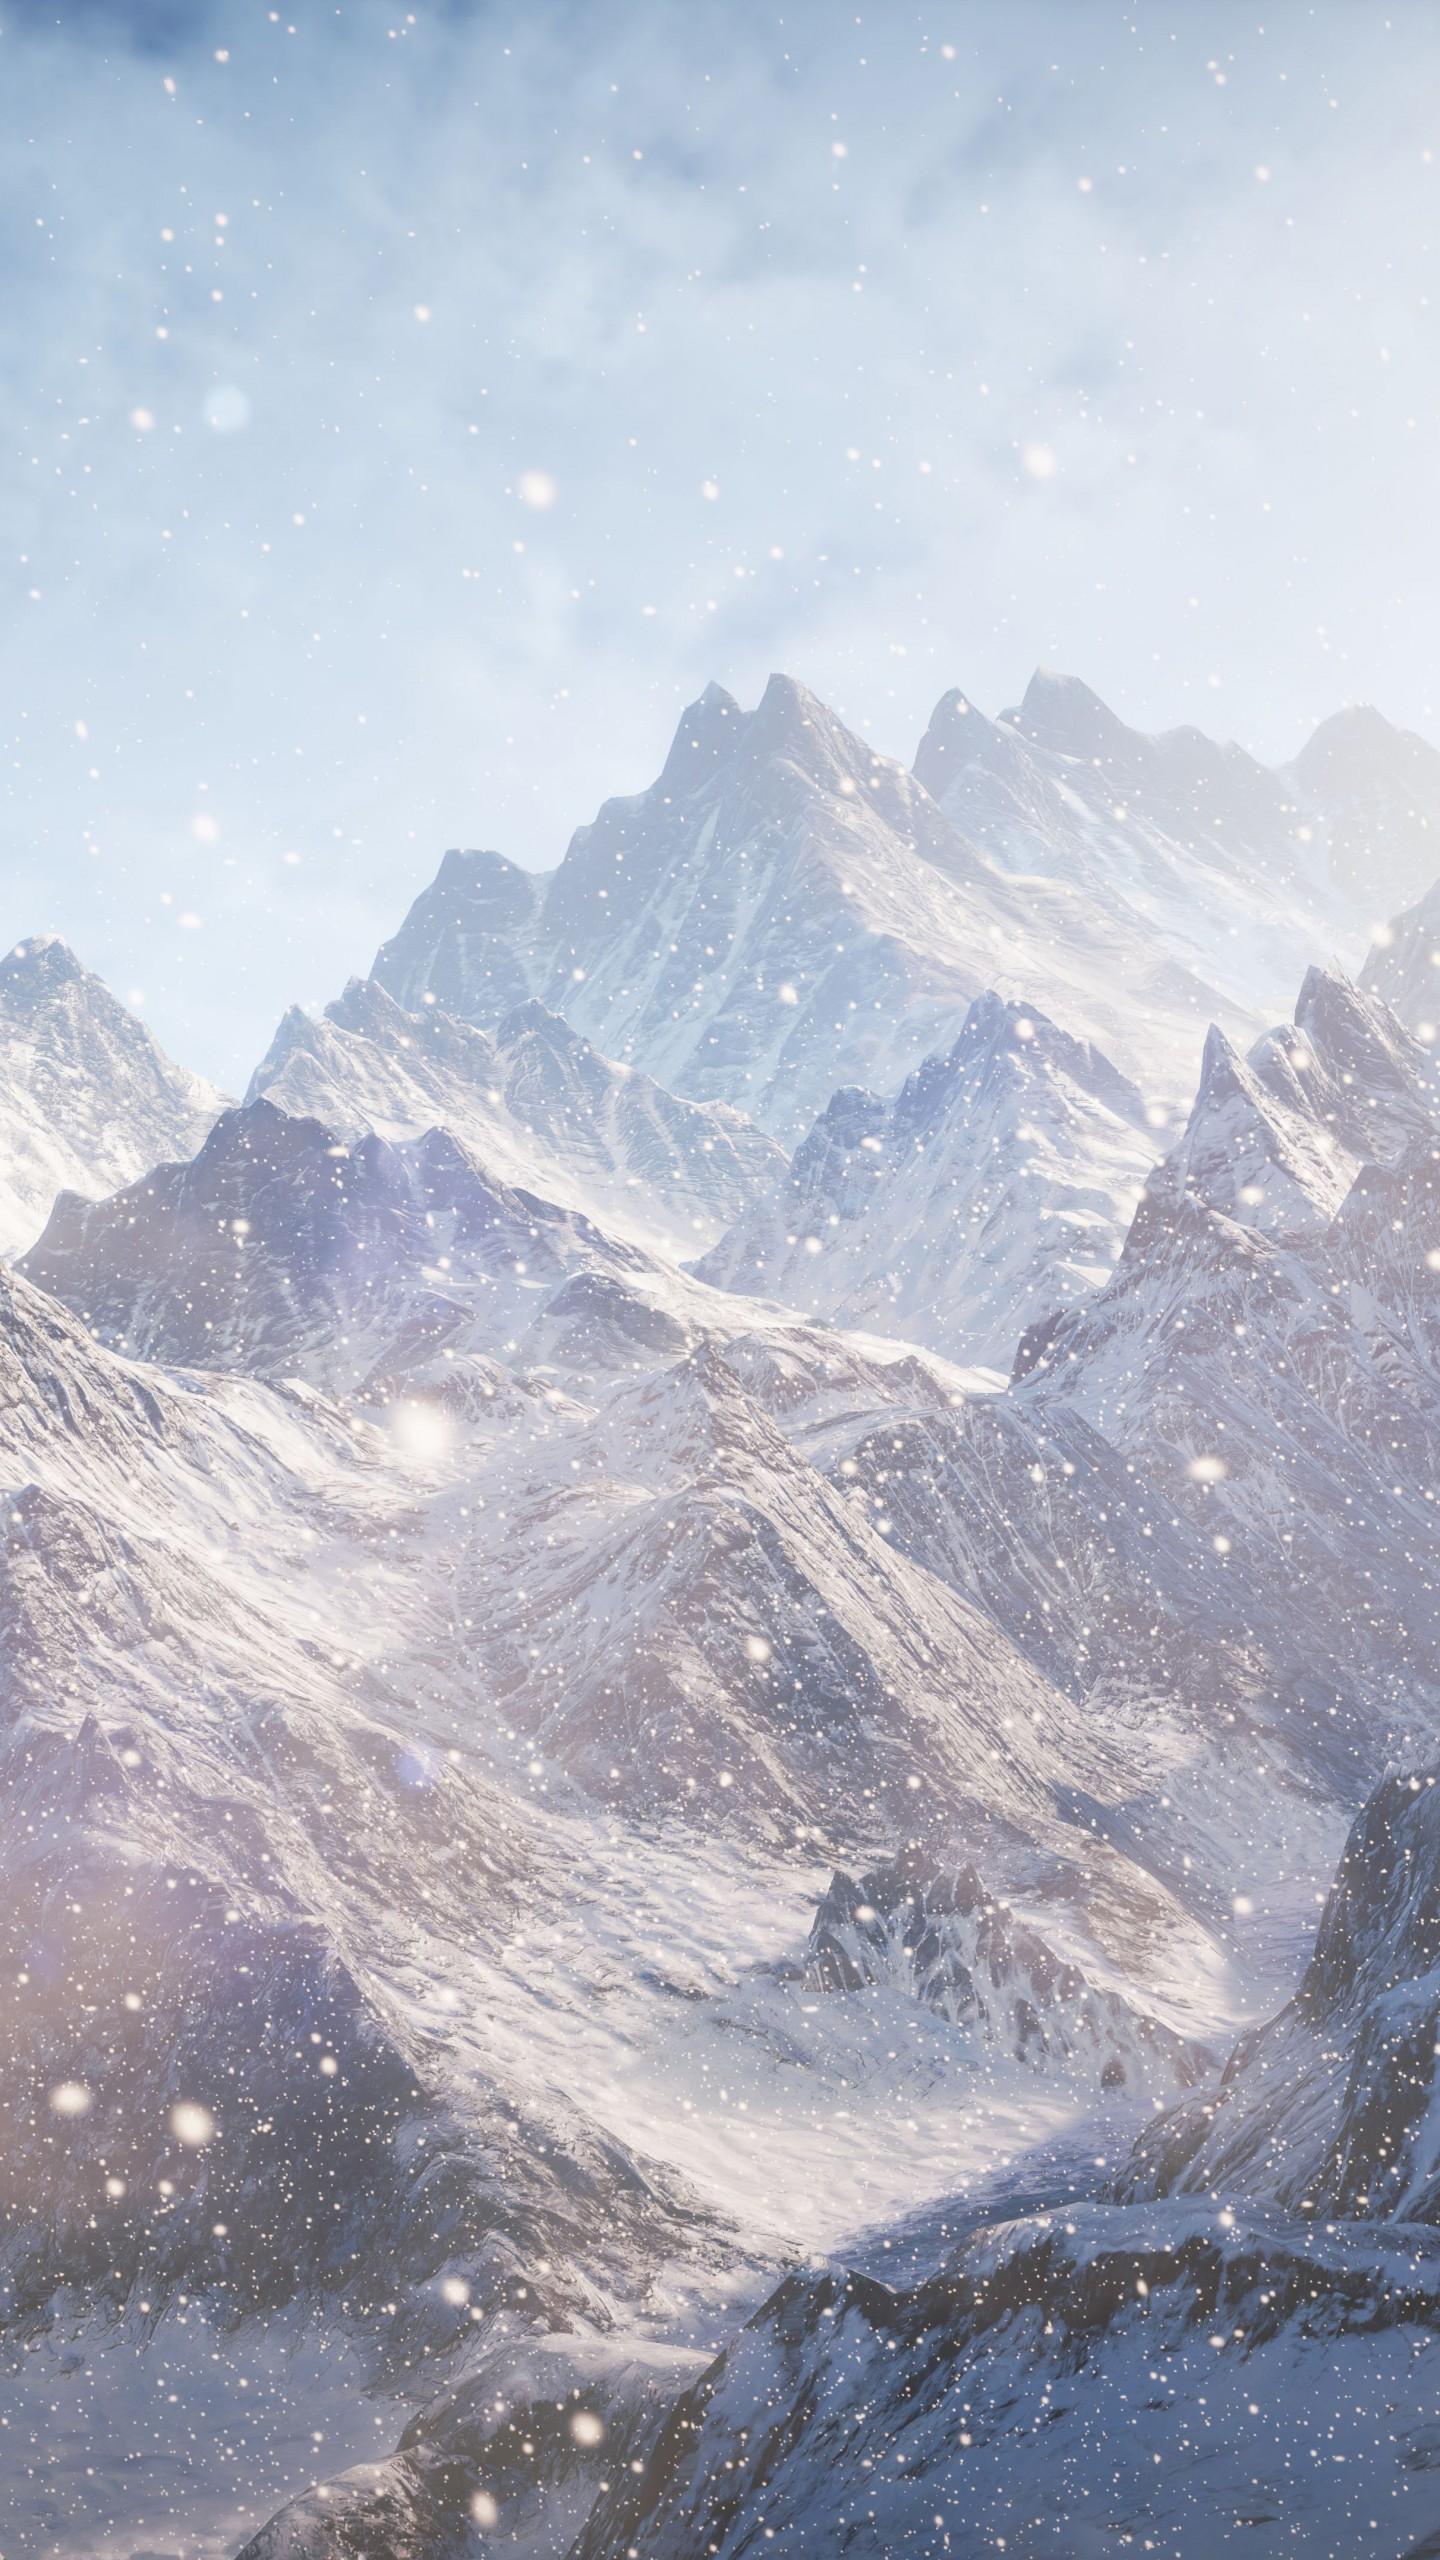 Home Screen Cute Wallpapers For Girls Wallpaper 3d 5k 4k Wallpaper 8k Mountains Snow